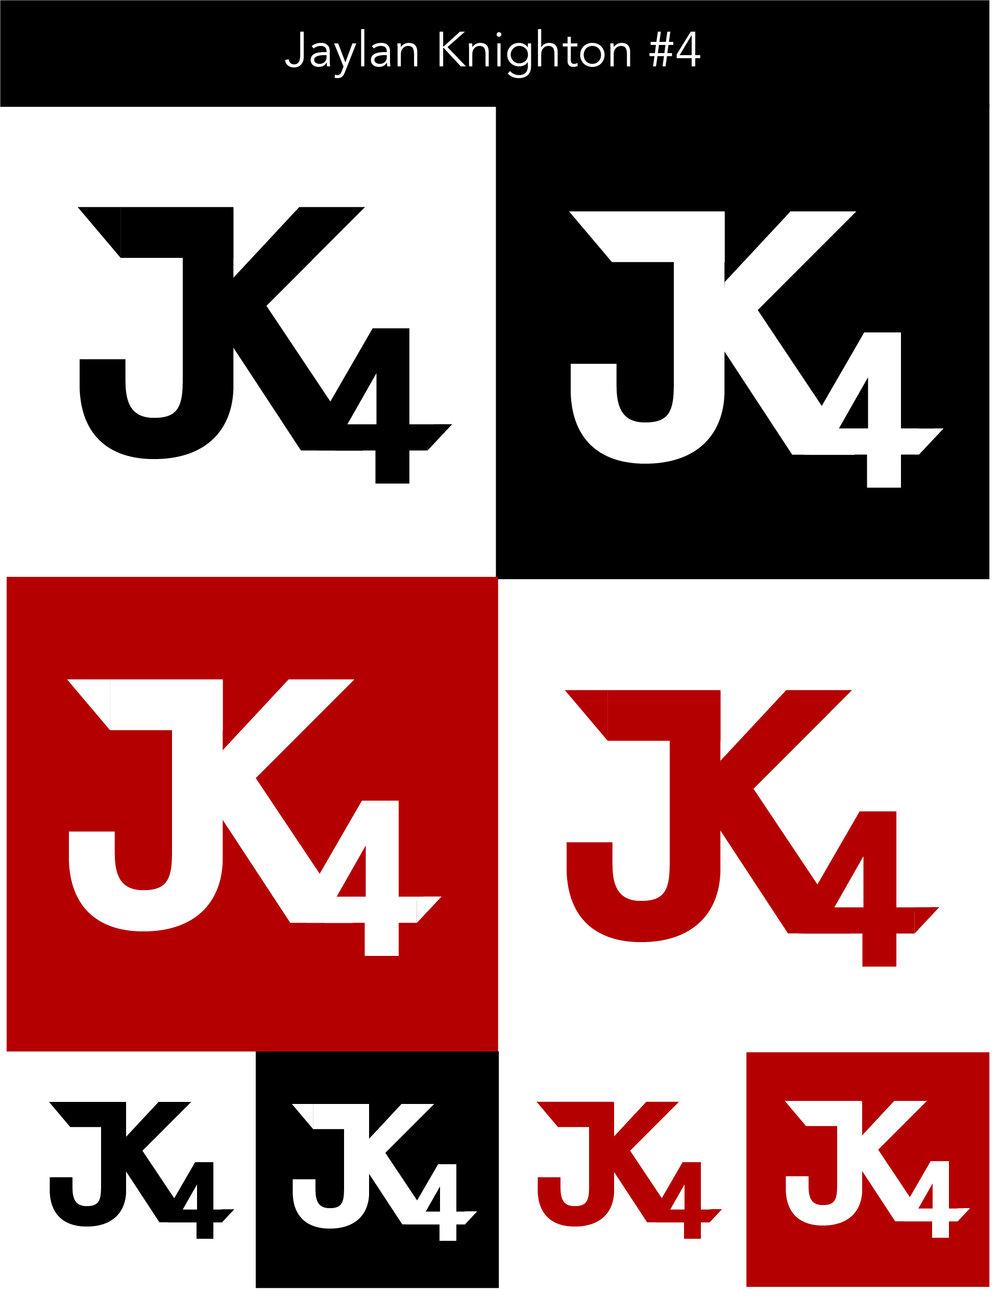 Jk.jpg